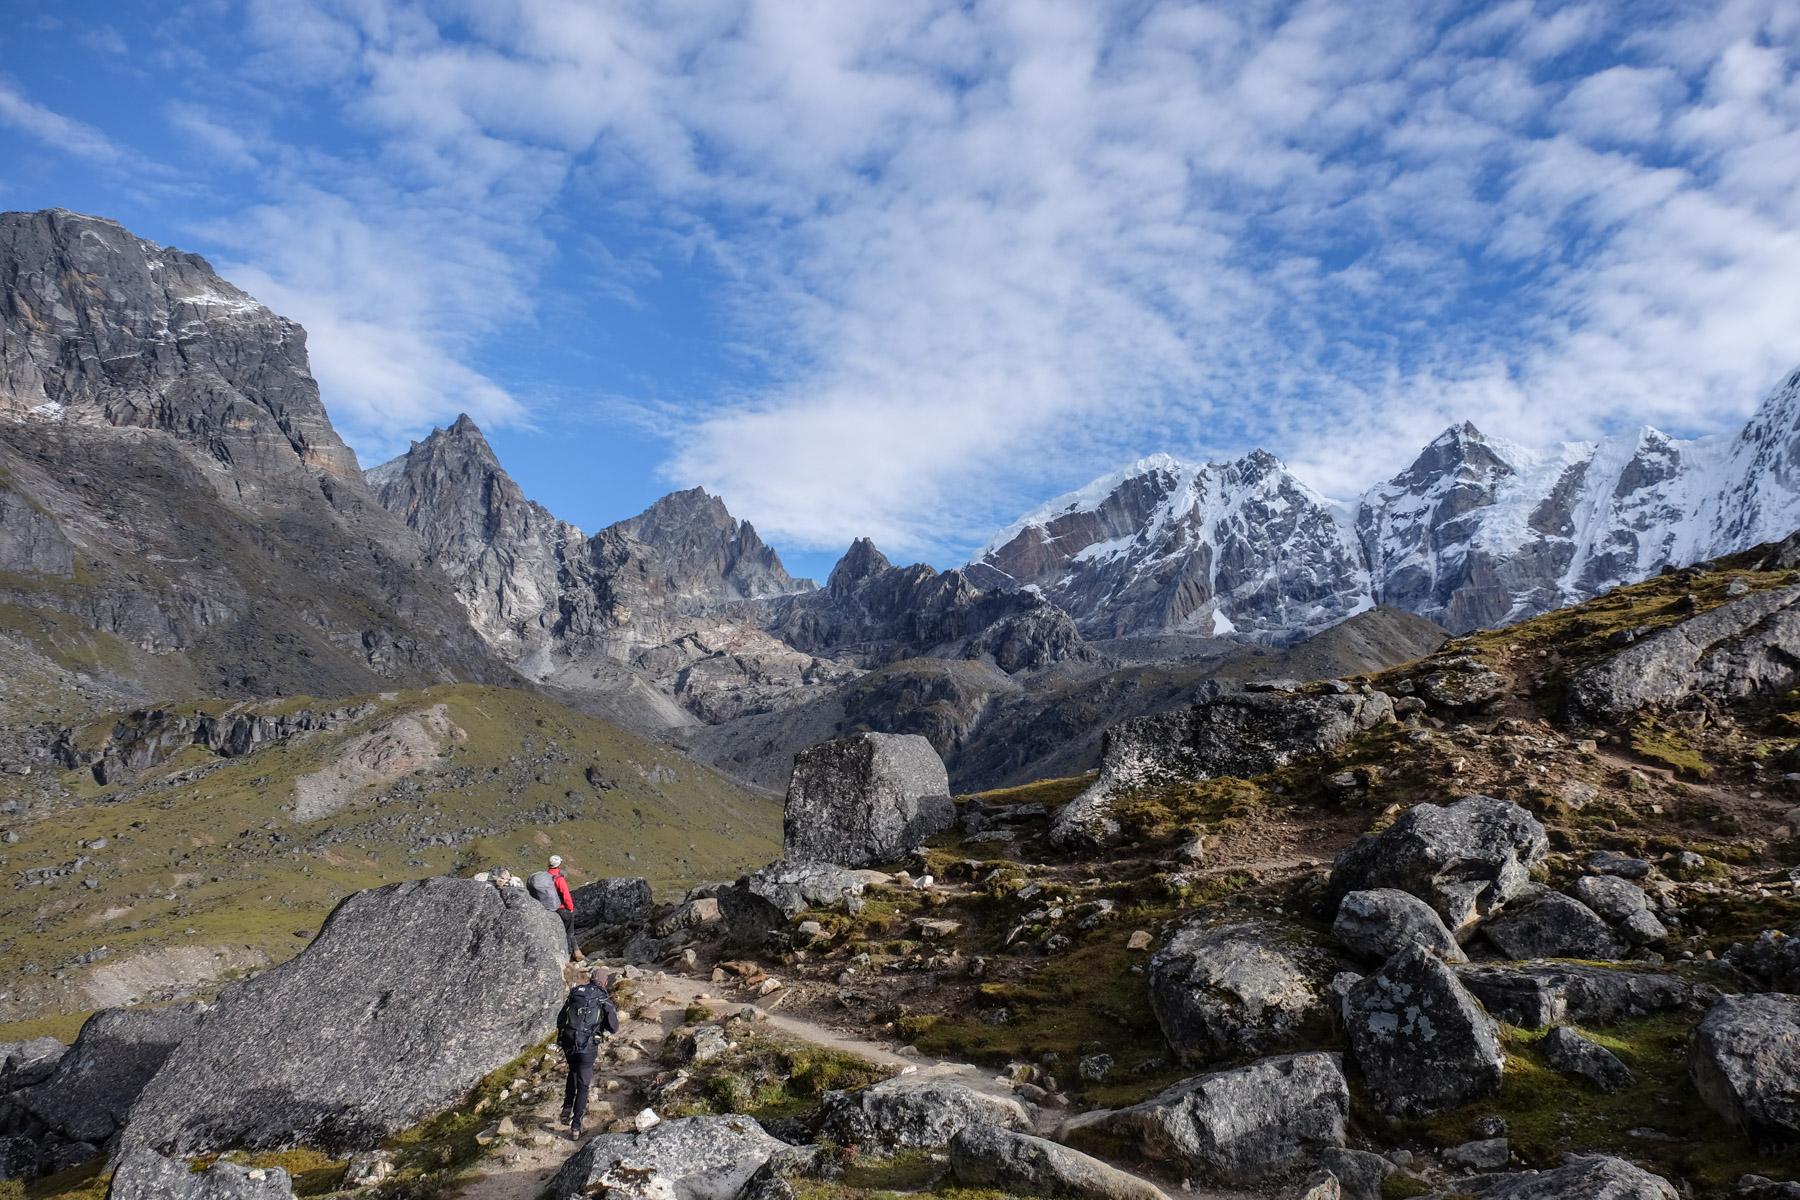 Kala Patthar & Gokyo, Everest 3 pass #3 41